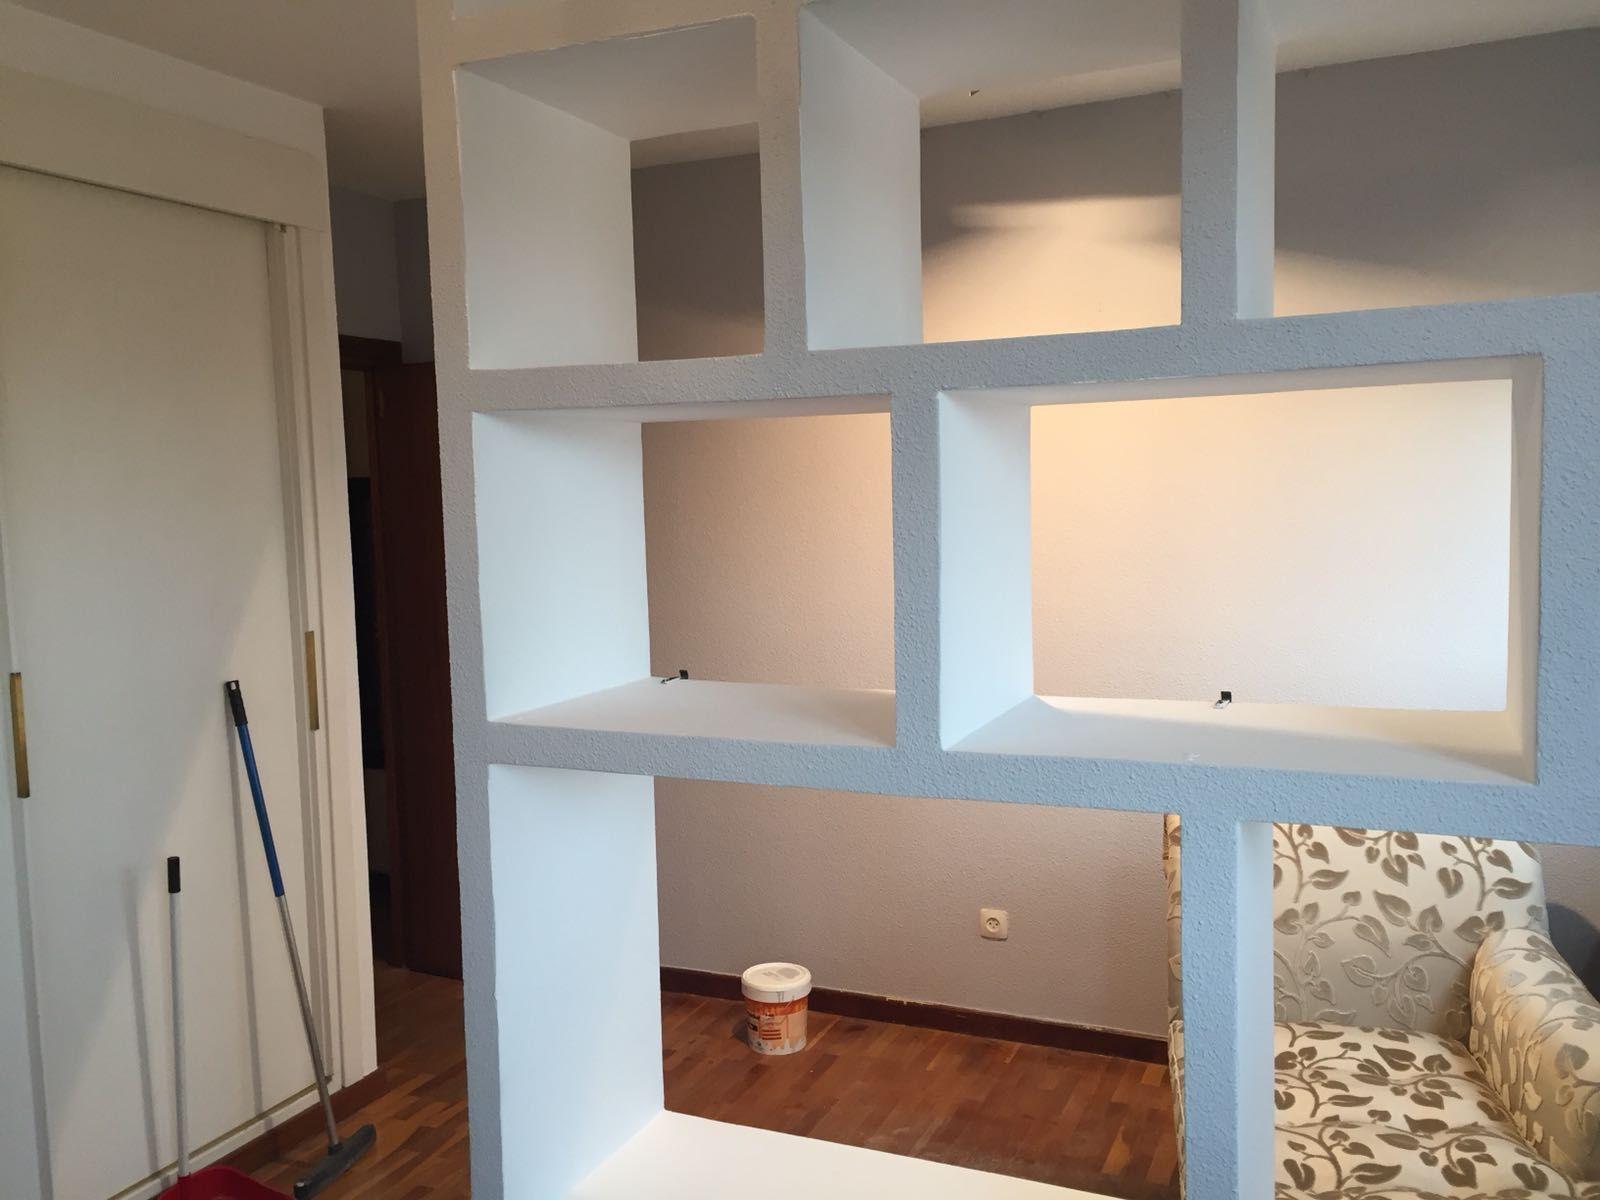 Carpintería interior de aluminio